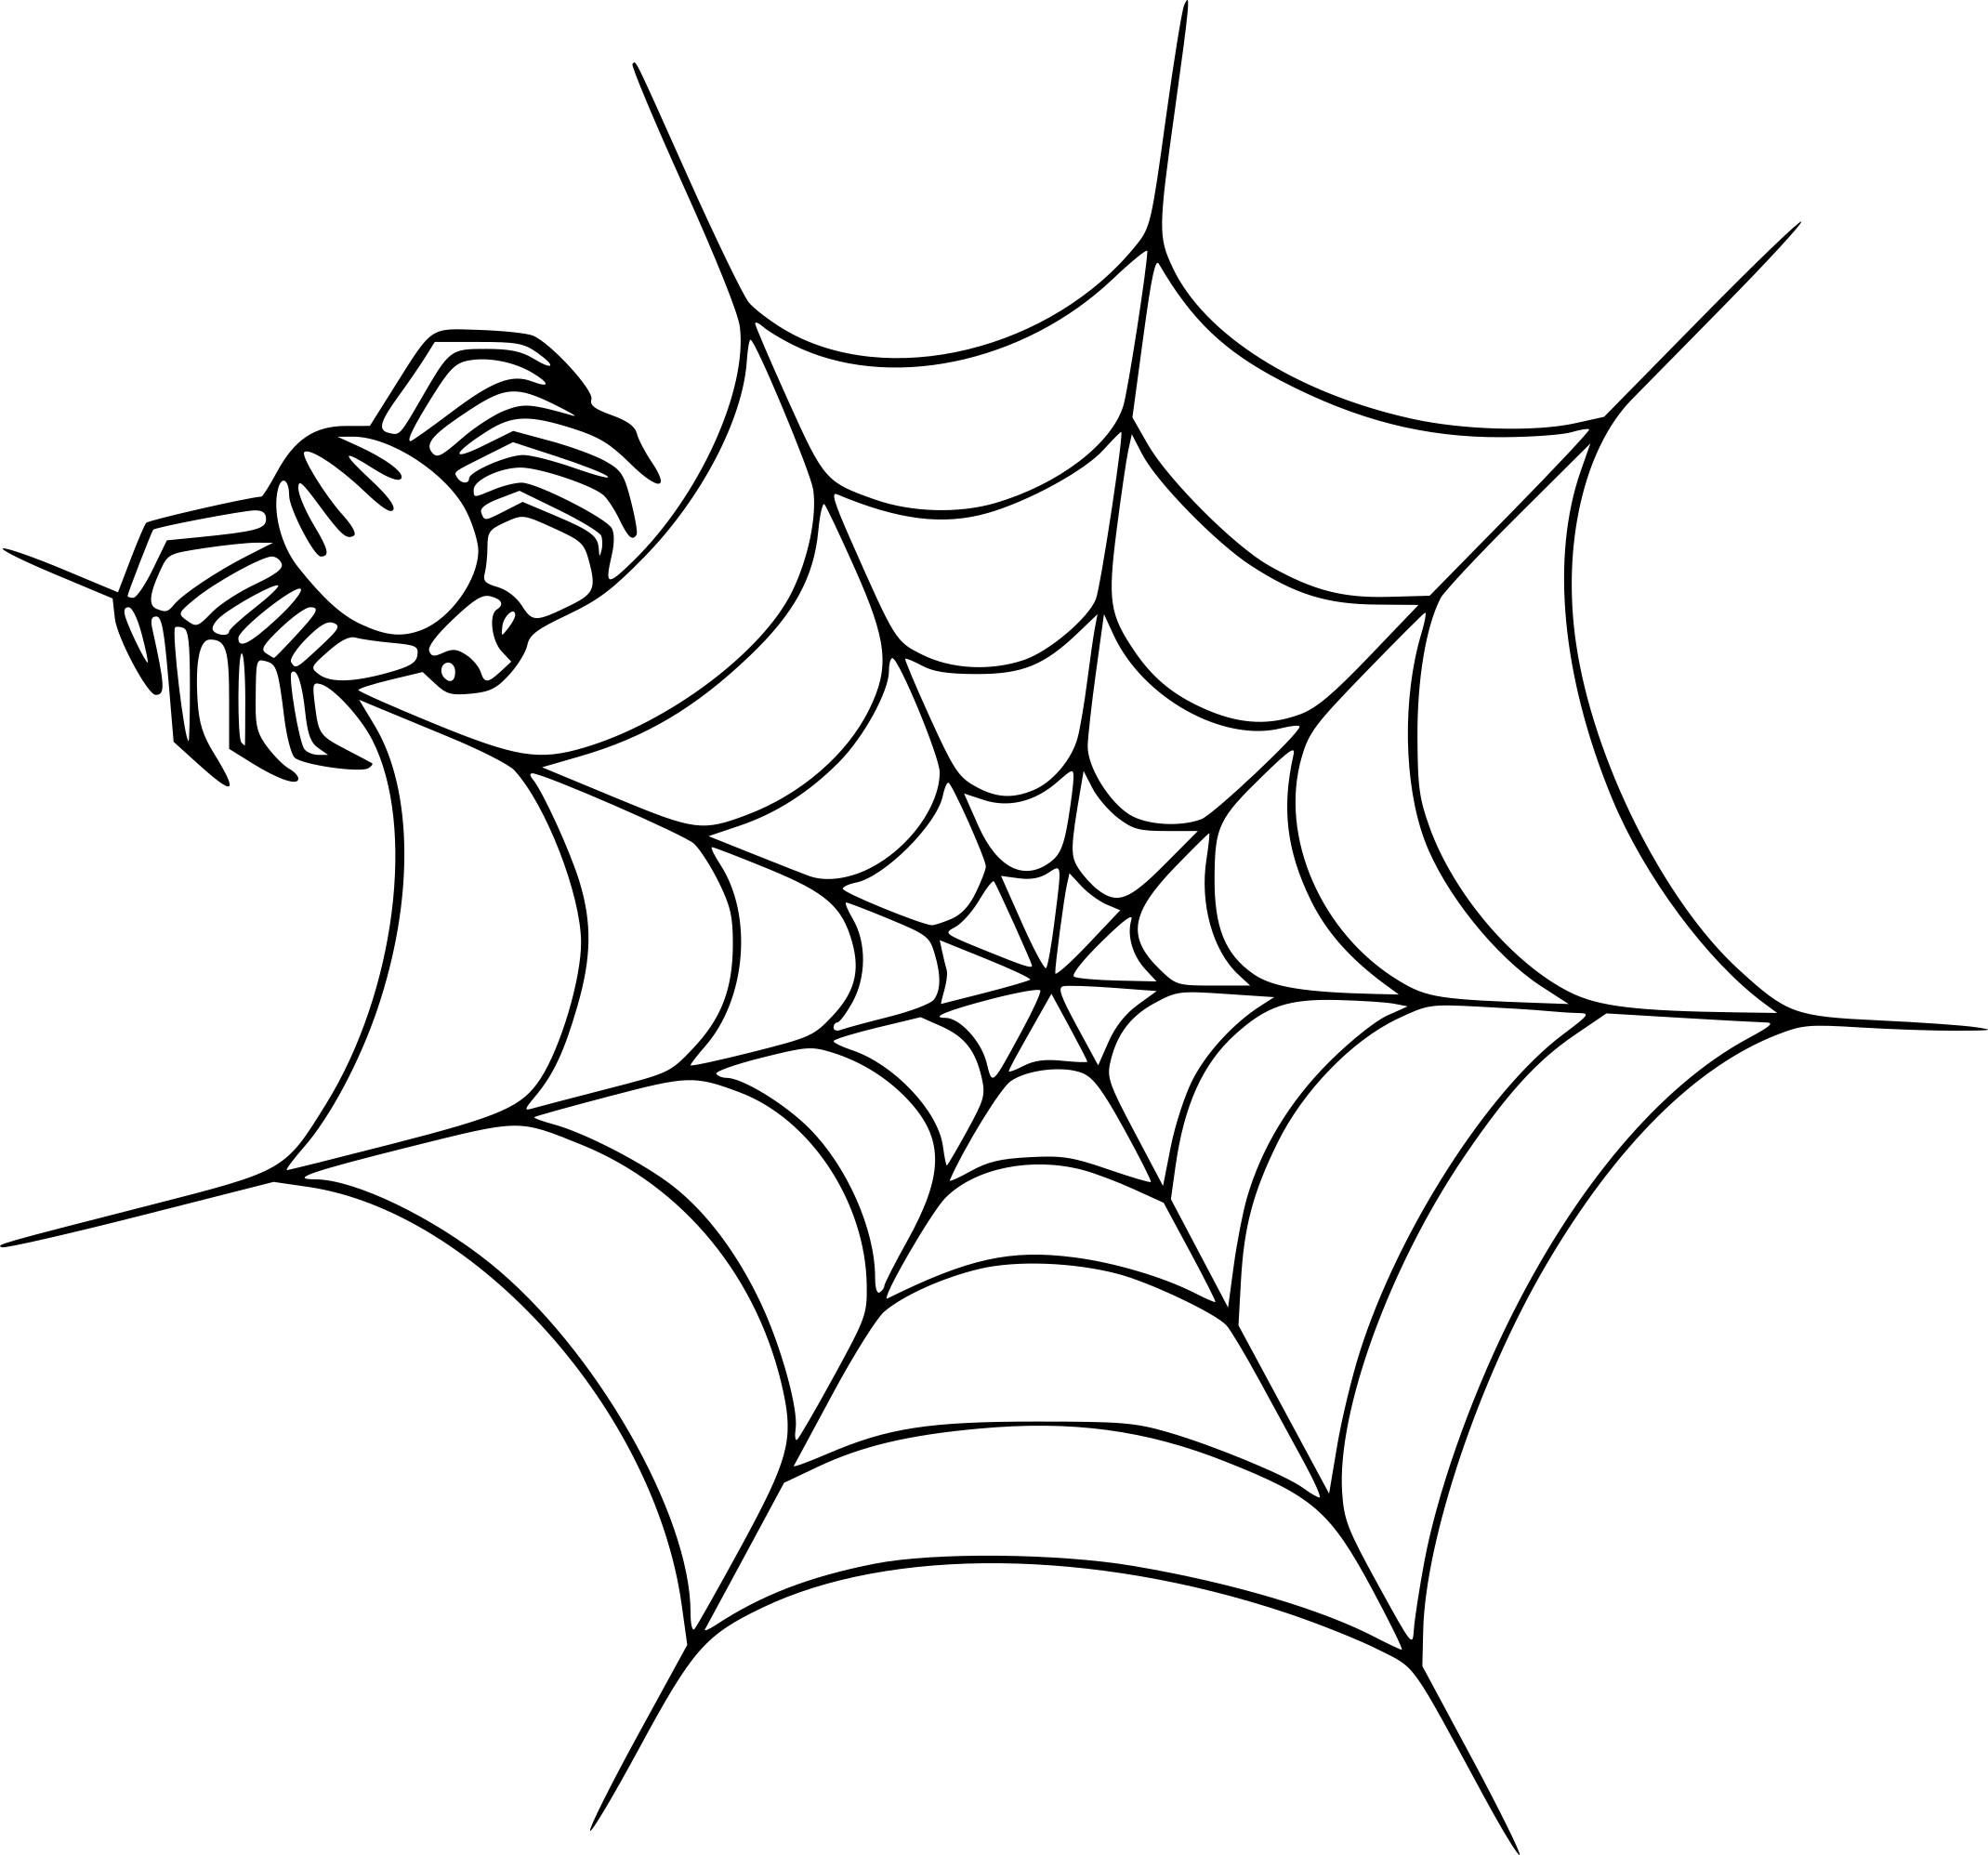 Coloriage Toile D'araignée À Imprimer intérieur Toile D Araignée Dessin